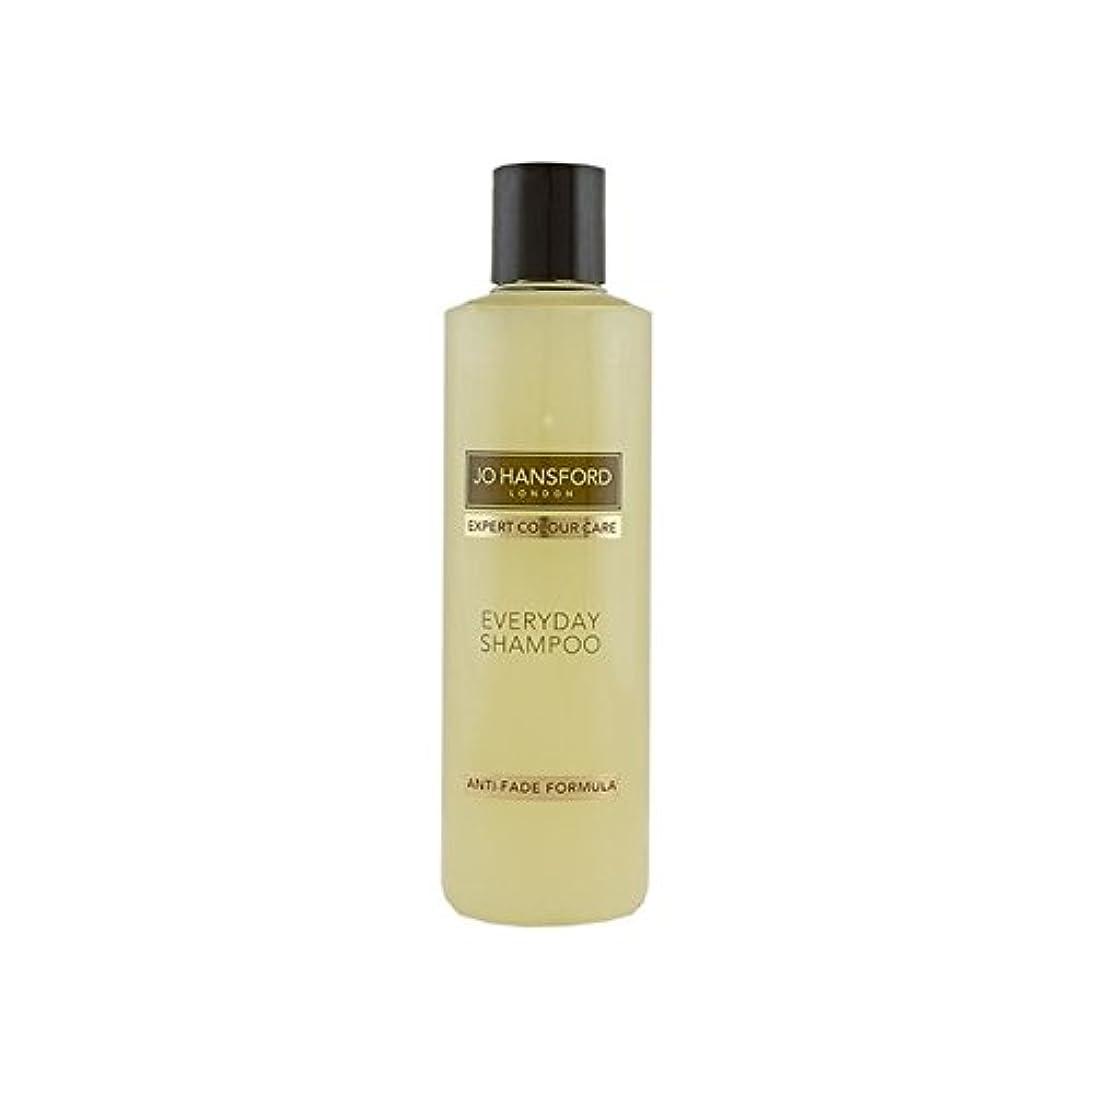 れるコンバーチブル最大化するJo Hansford Everyday Shampoo (250ml) - ジョー?ハンスフォード日常のシャンプー(250ミリリットル) [並行輸入品]